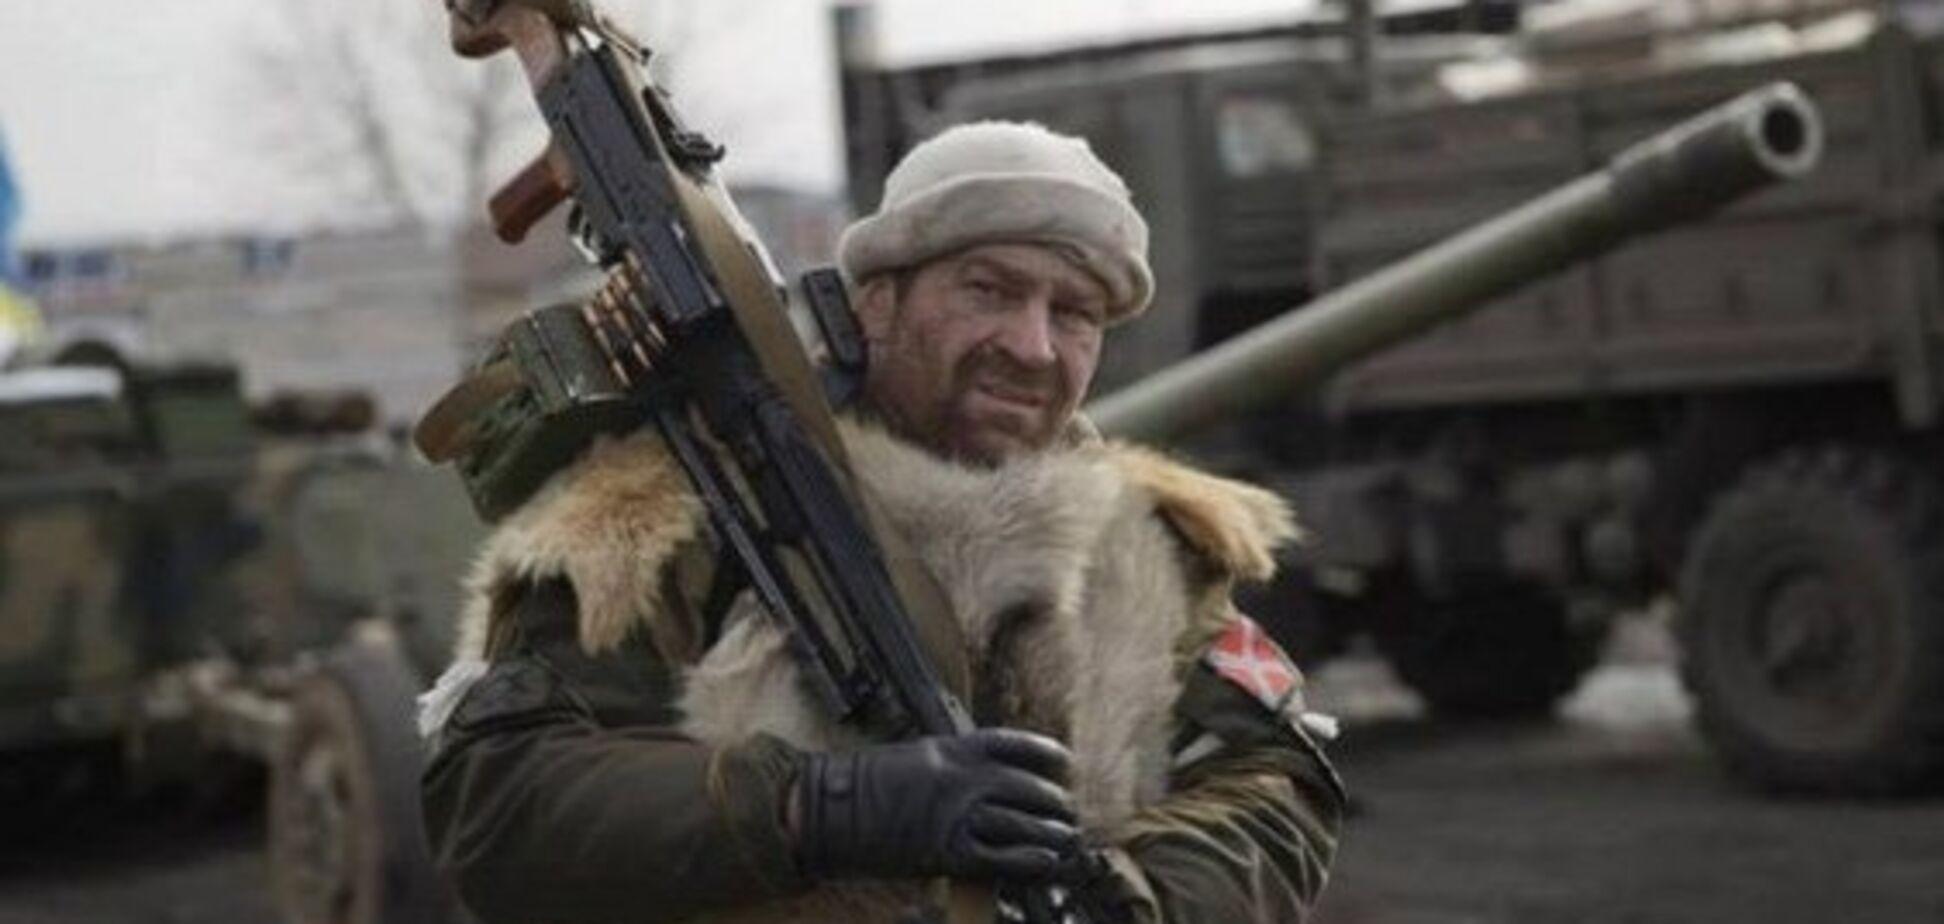 На подмогу террористам: Путин прислал на Донбасс кадровых офицеров РФ